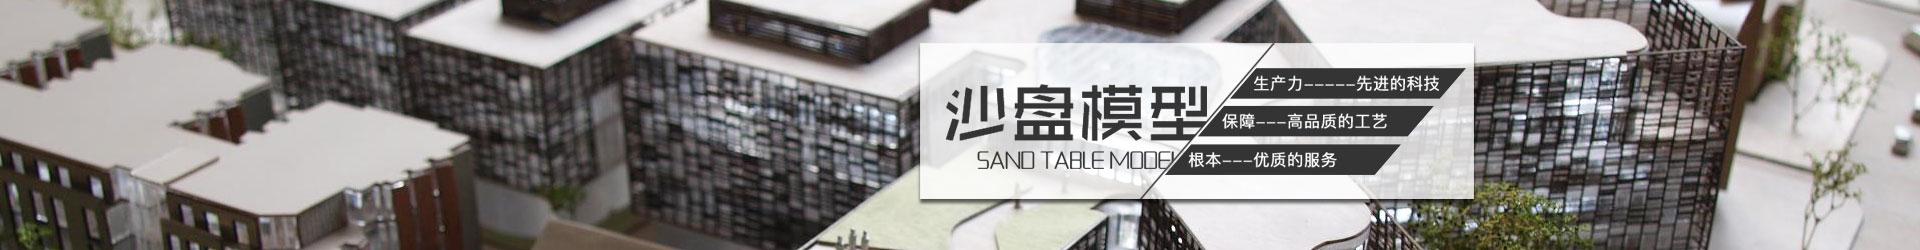 重庆模型公司